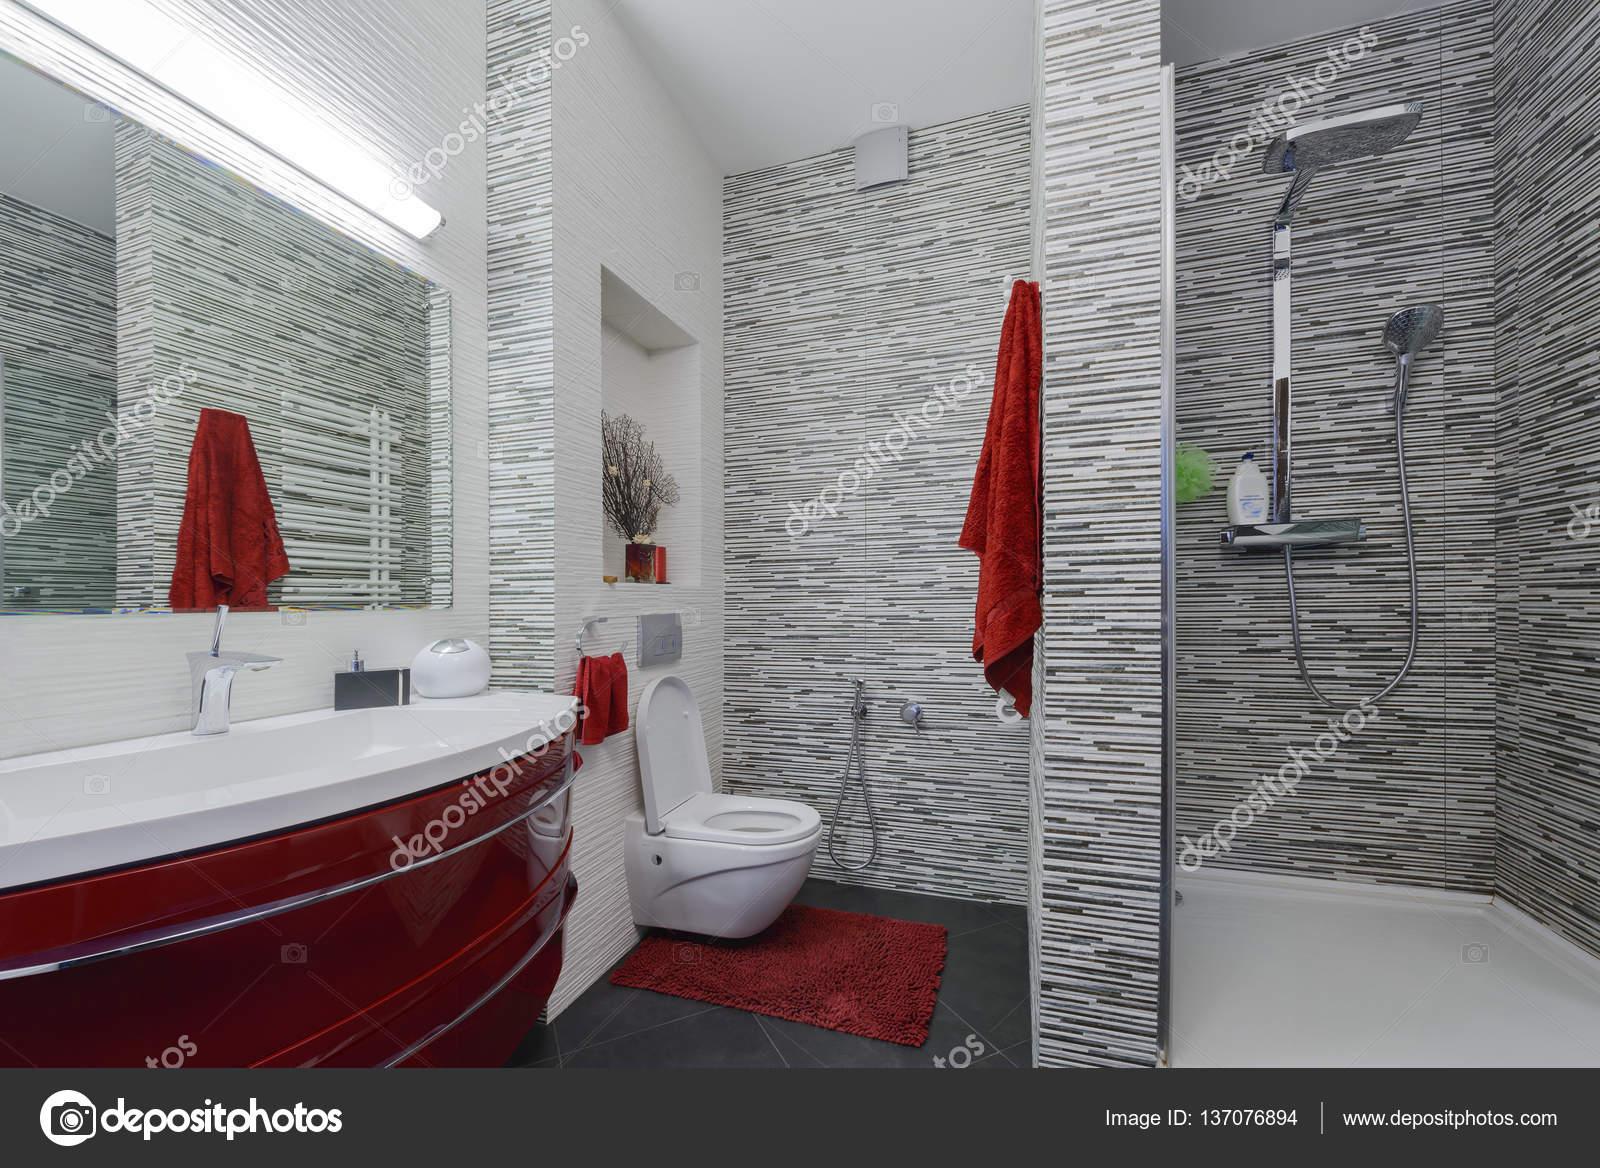 Interieur mooie badkamer in een moderne stijl met grijze en rode ...